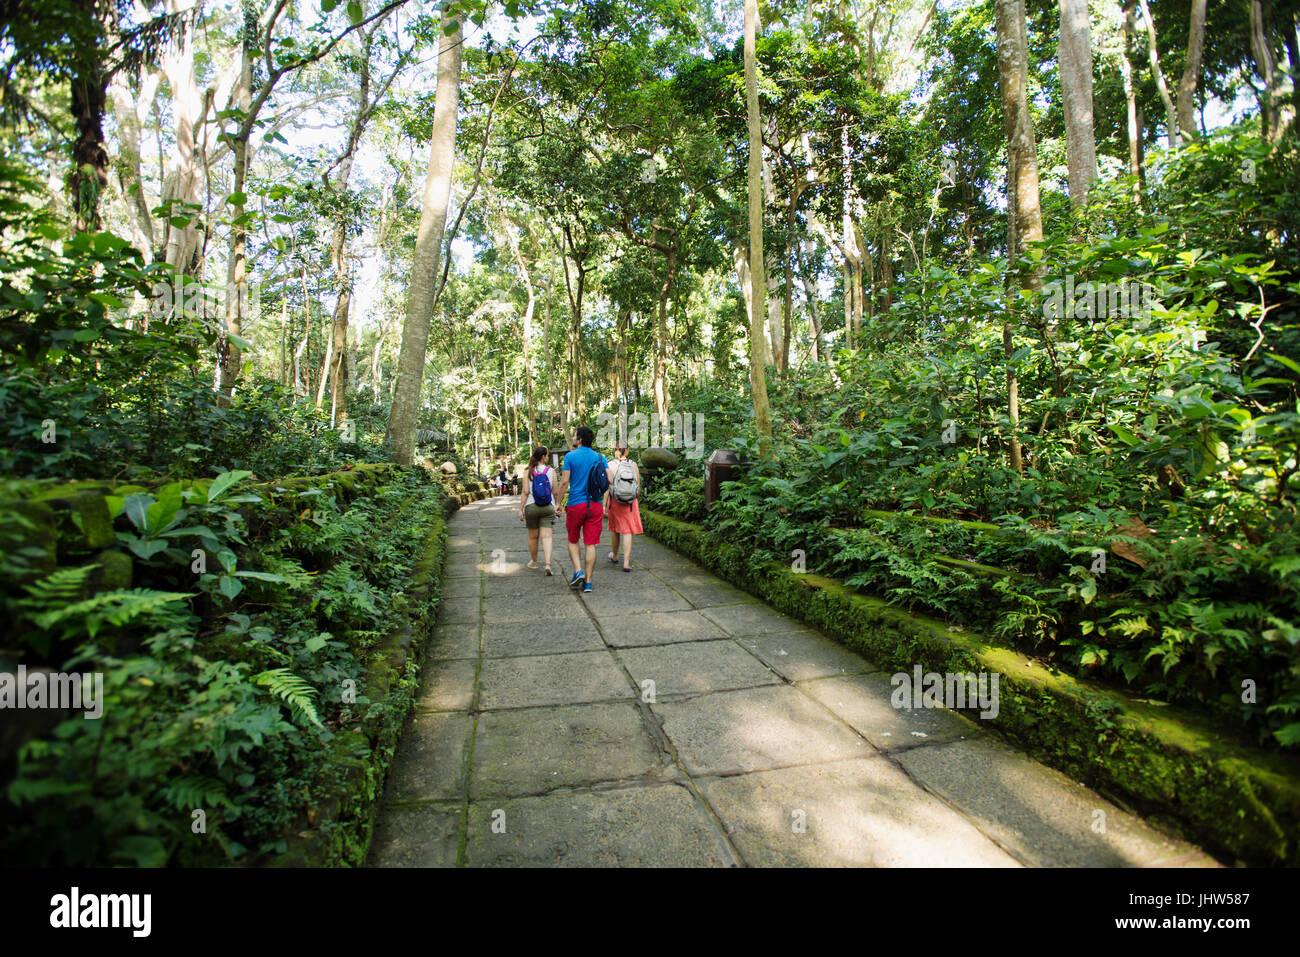 Hindu temple, Pura Dalem Agung, Monkey Forest, Ubud, Bali, Indonesia - Stock Image